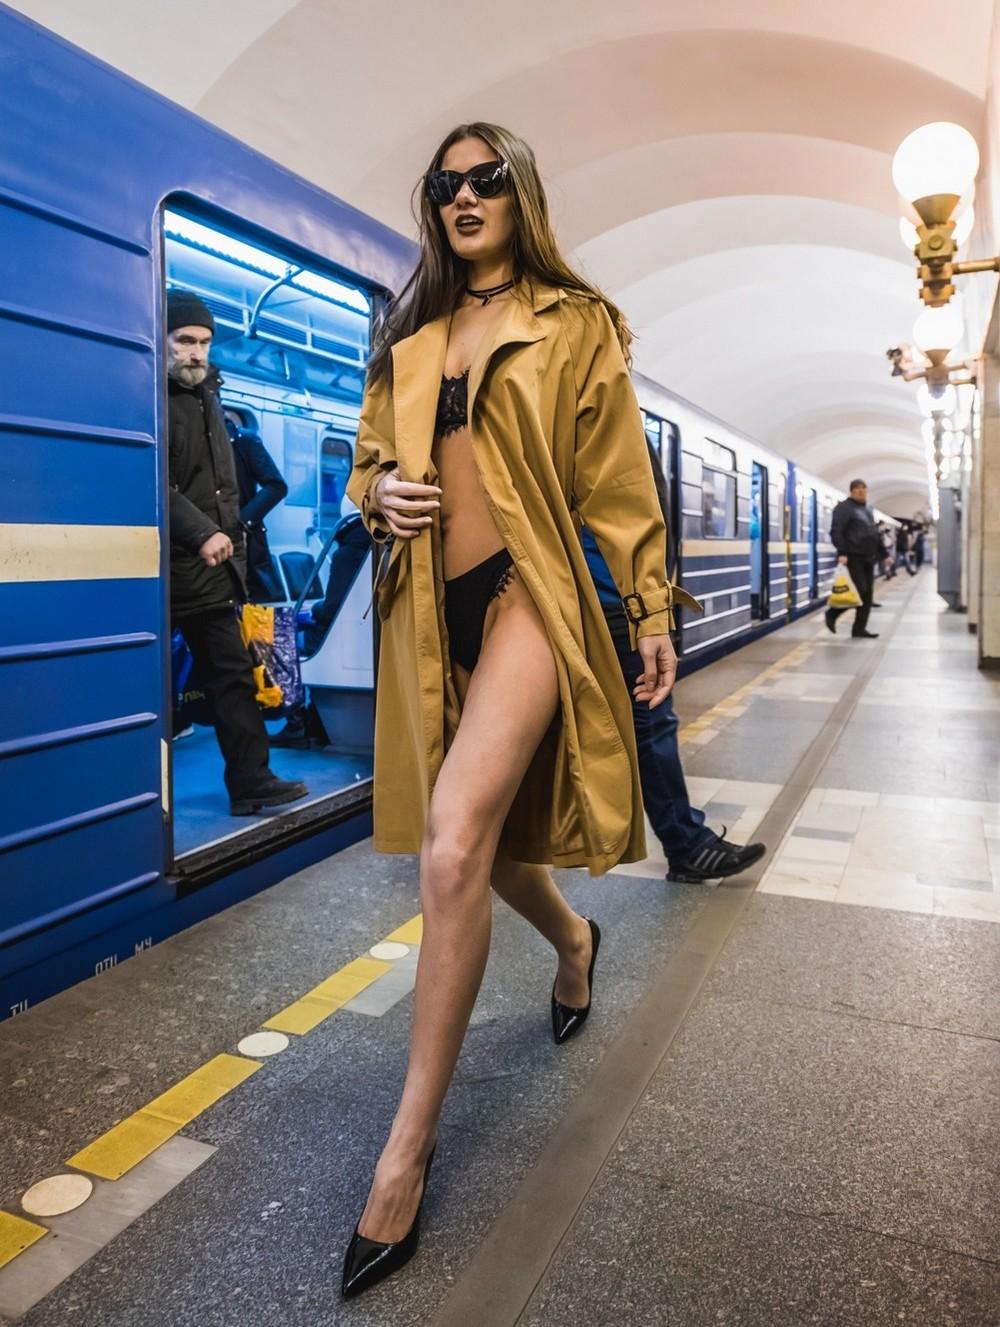 Модники и чудики из российского метрополитена - 135 (40 фото)